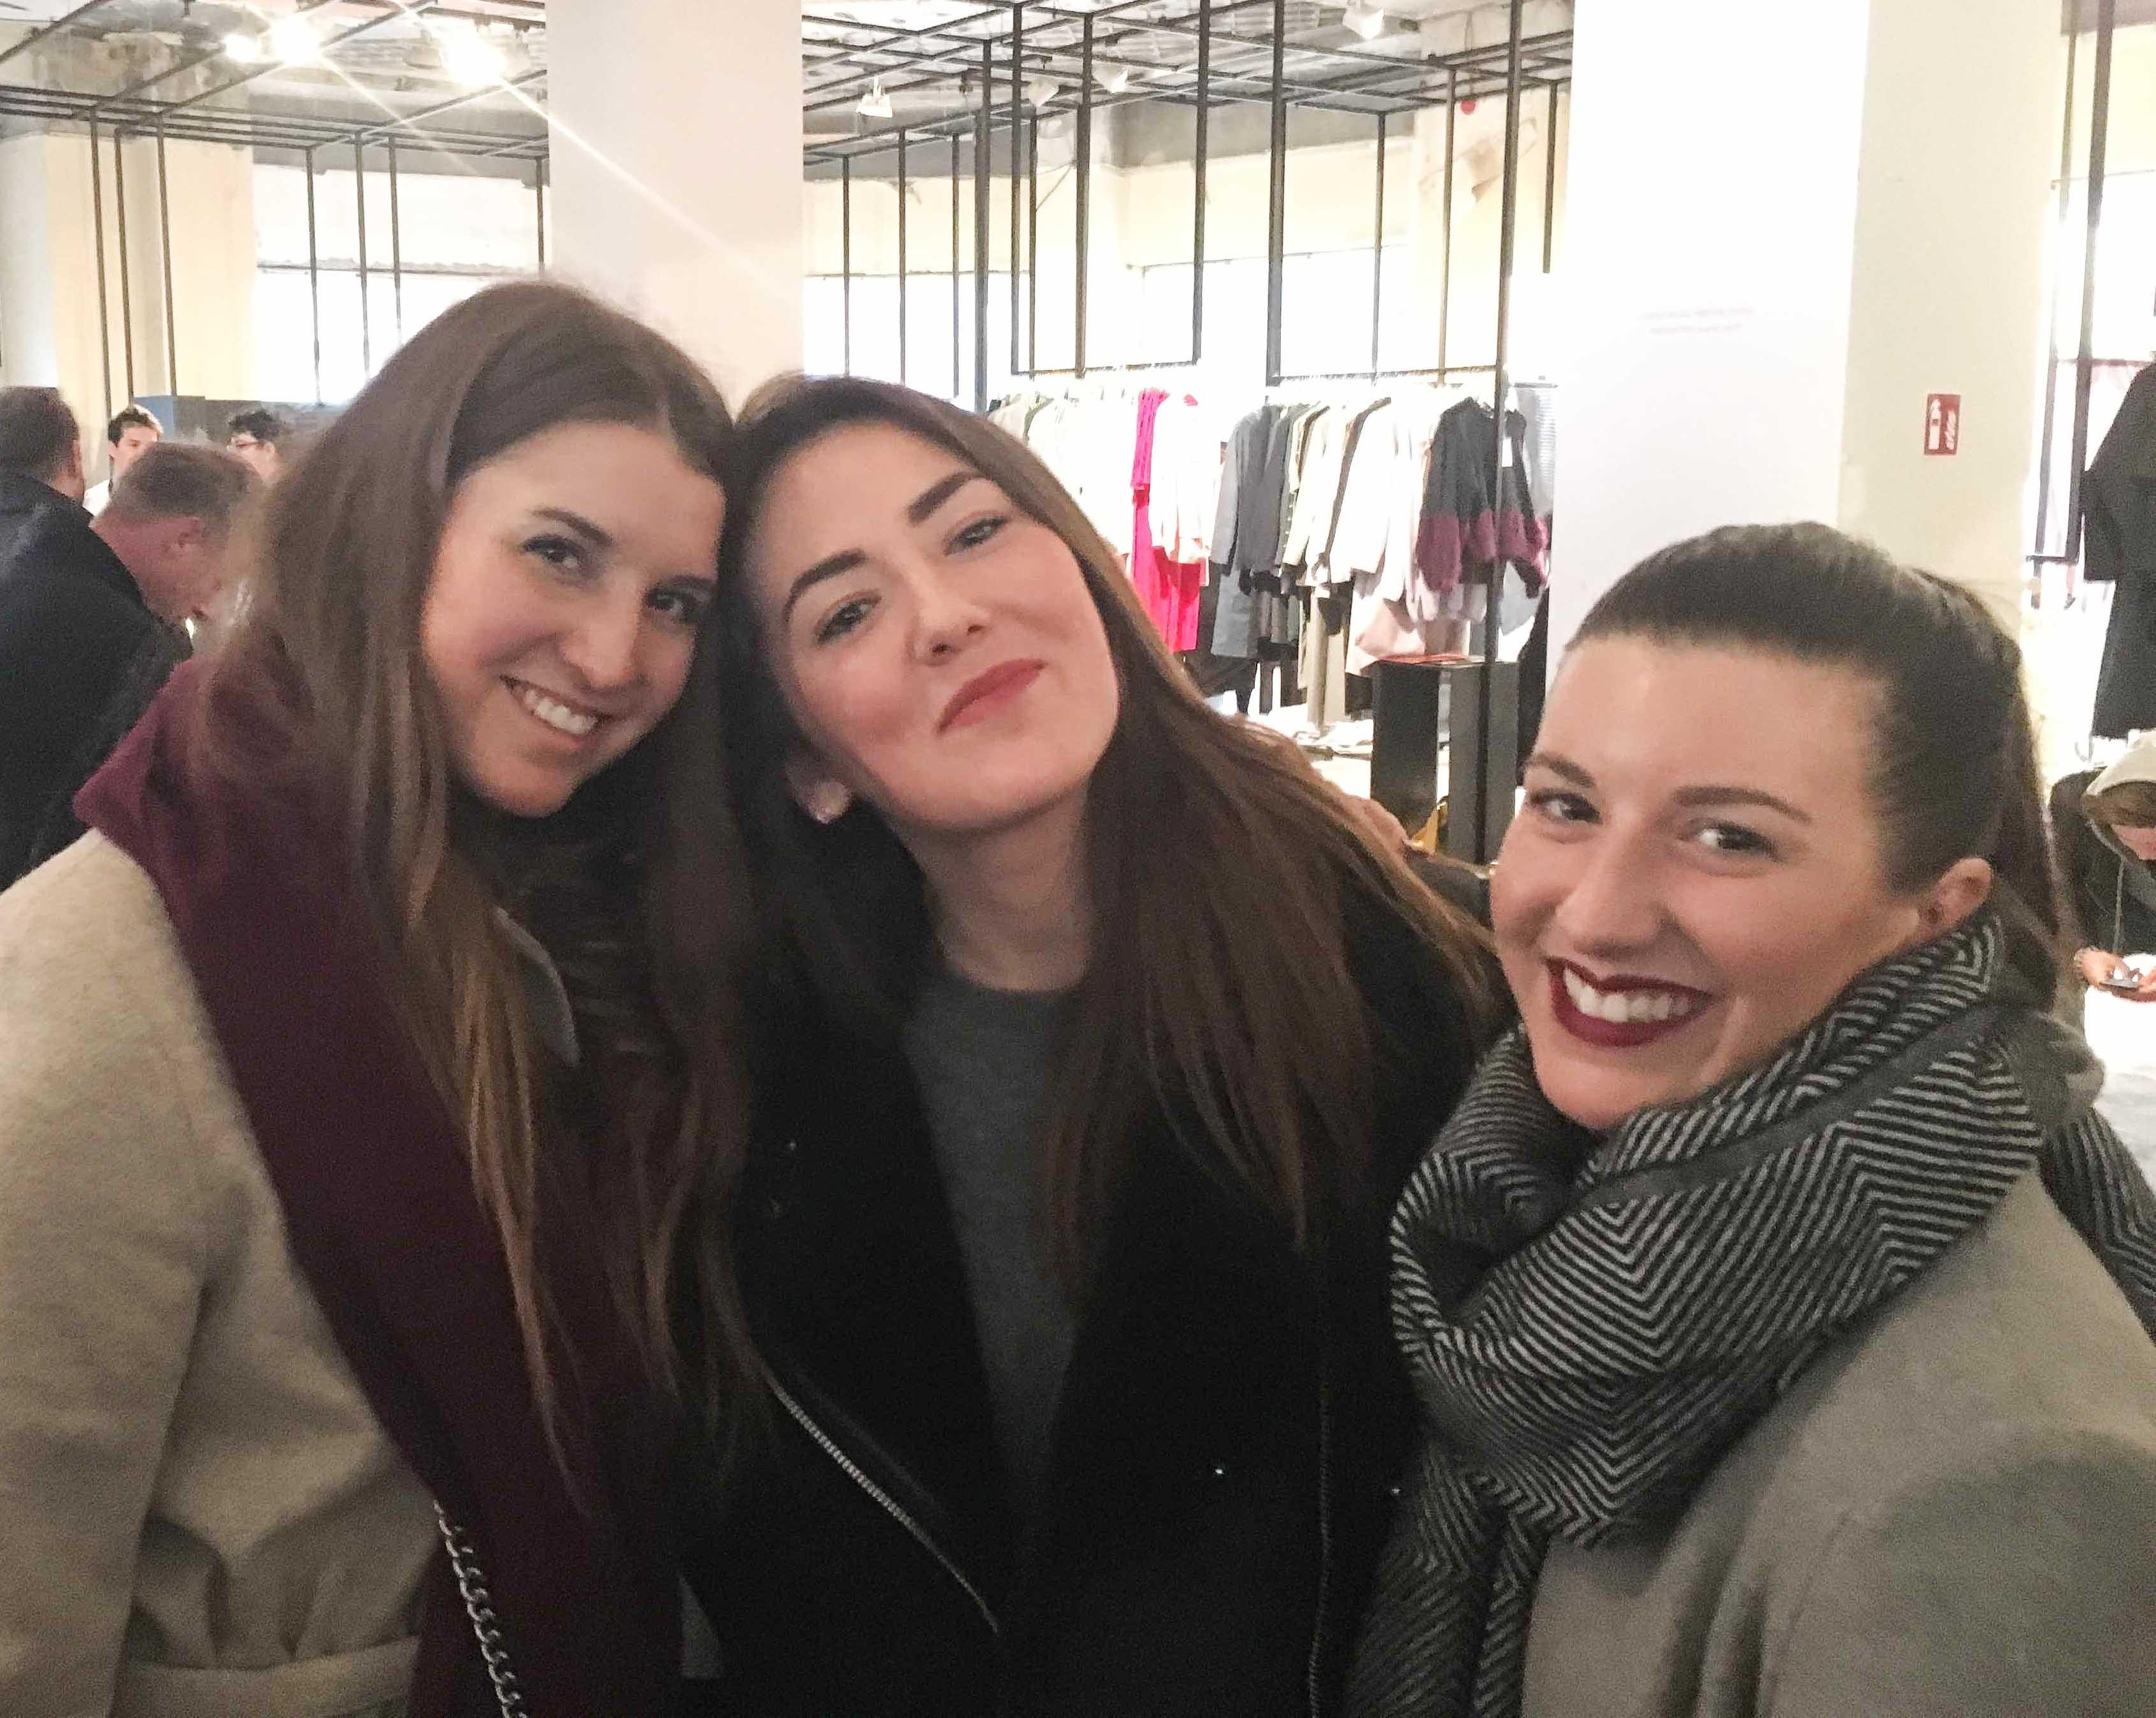 Klara-Fuchs-Österreich-Fitness-Lifestyle-Blog-Fashion-Week-Berlin-10